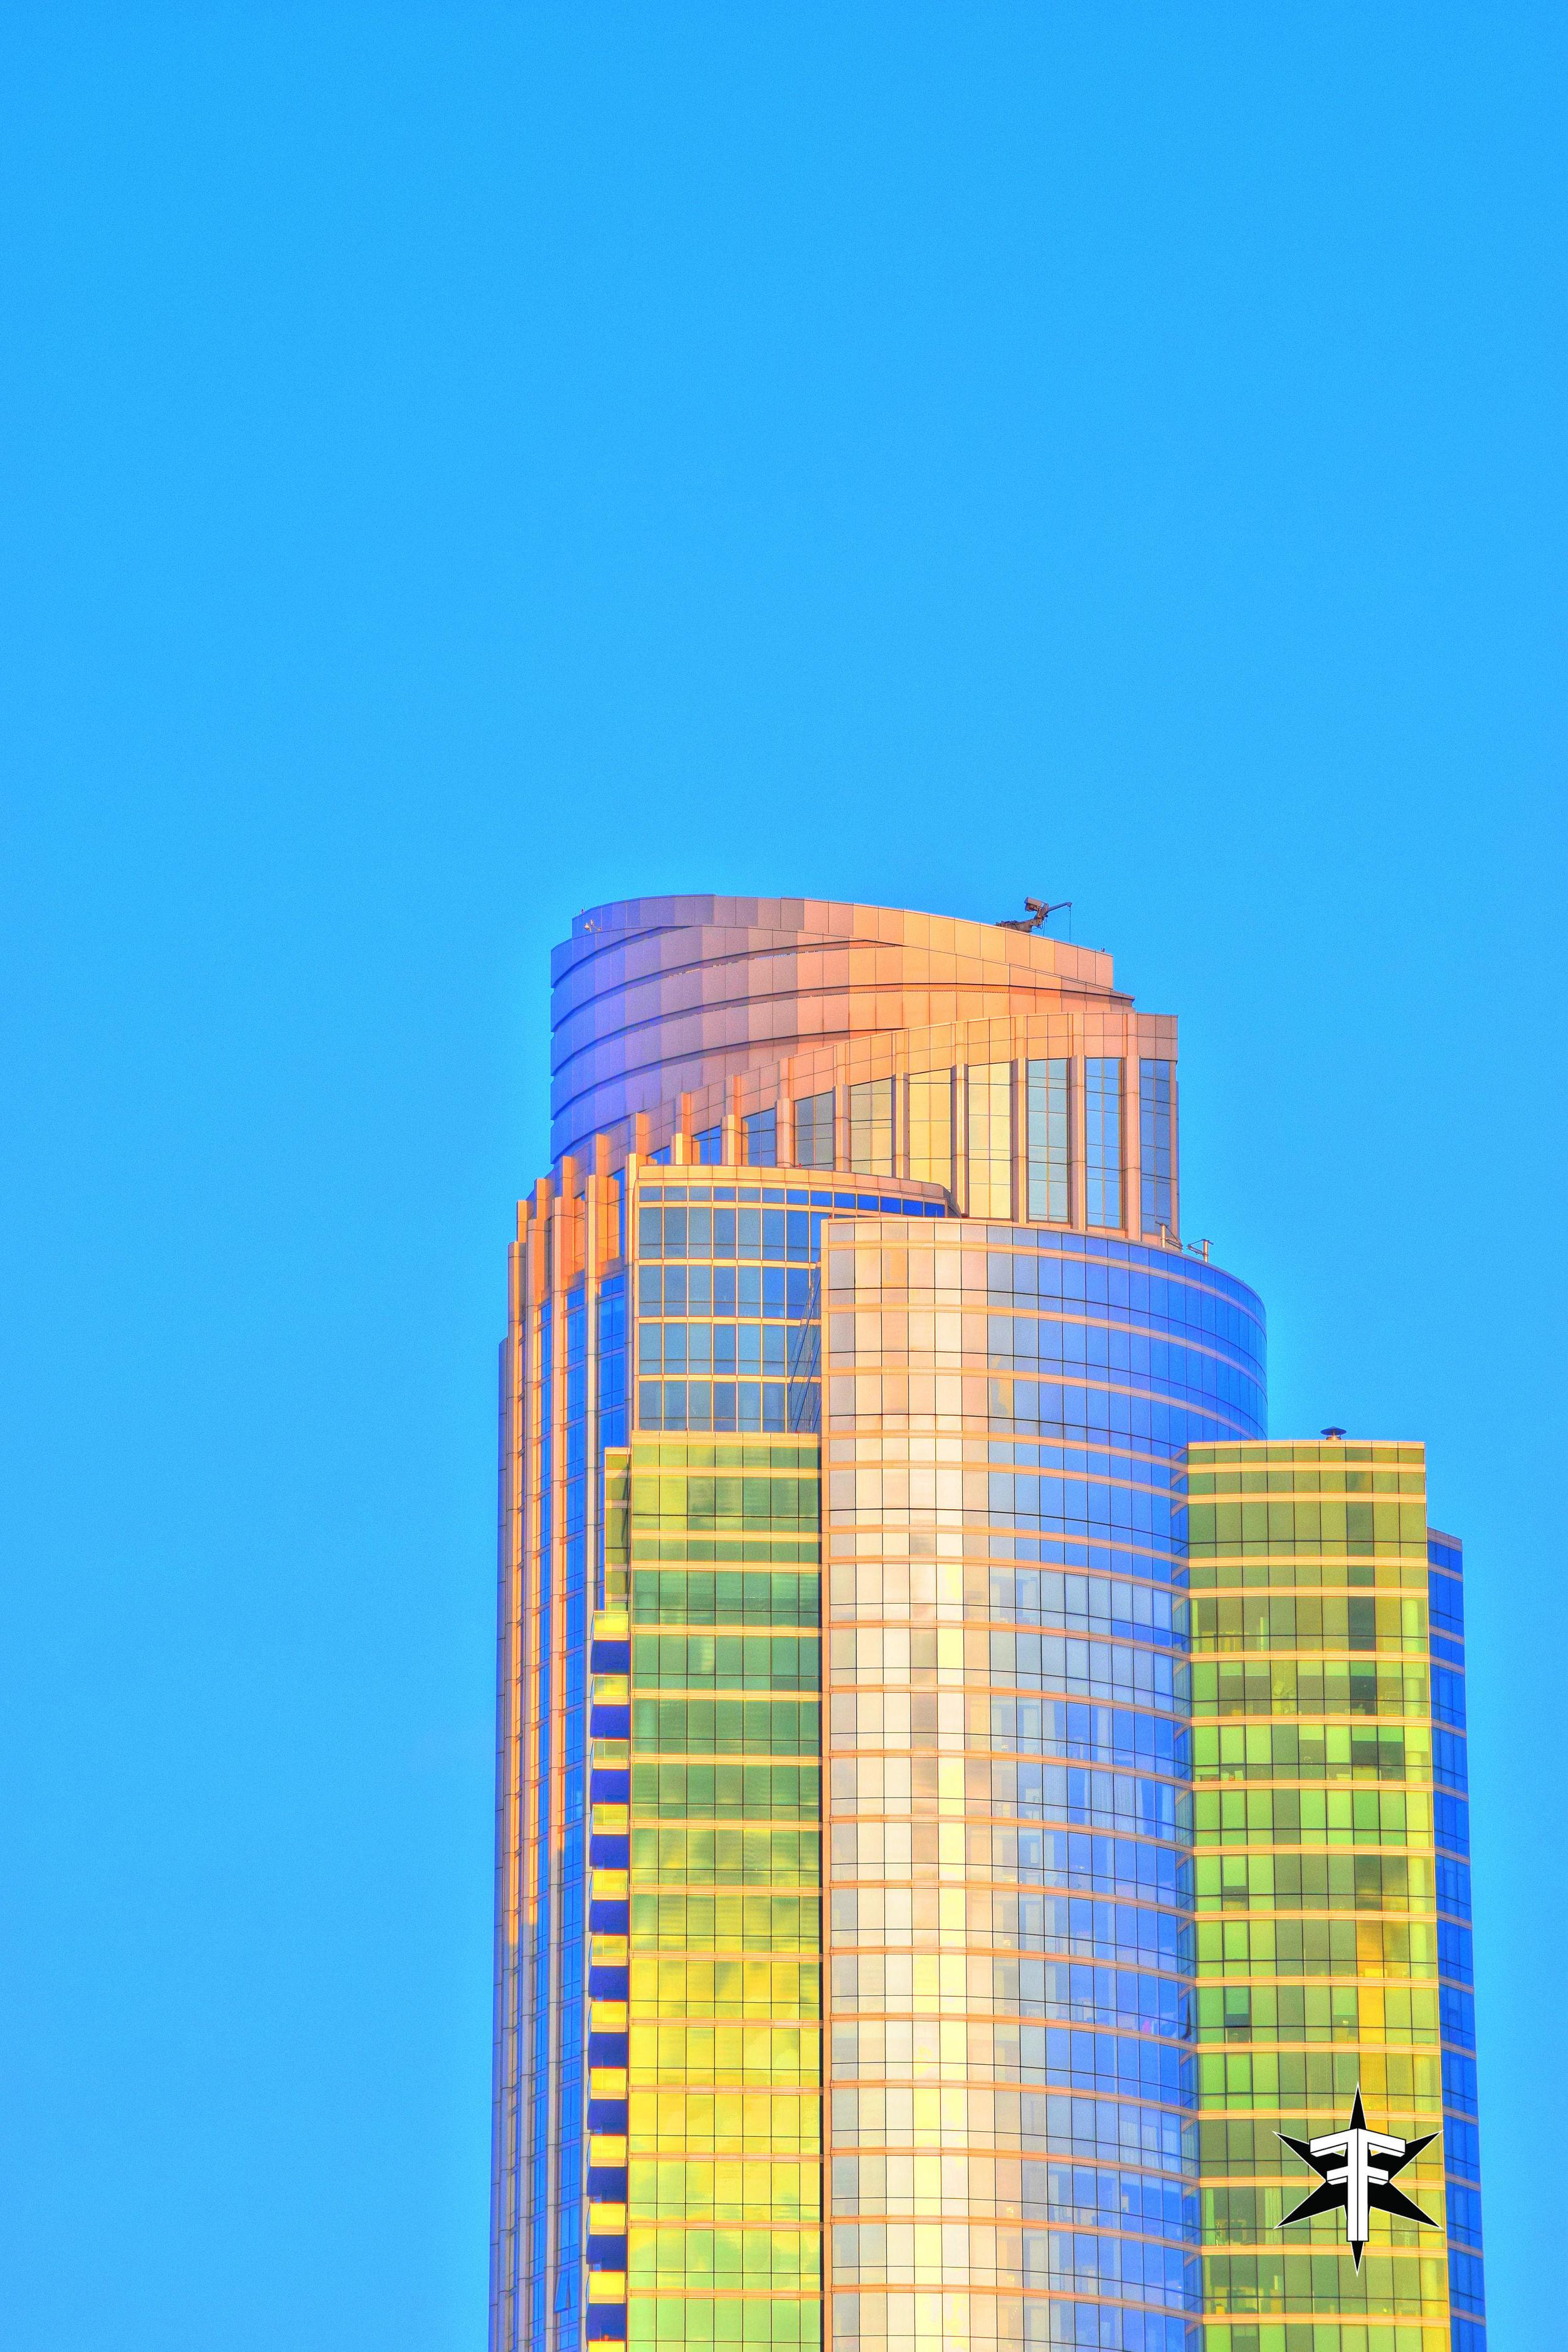 chicago architecture eric formato photography design arquitectura architettura buildings skyscraper skyscrapers-45.jpg